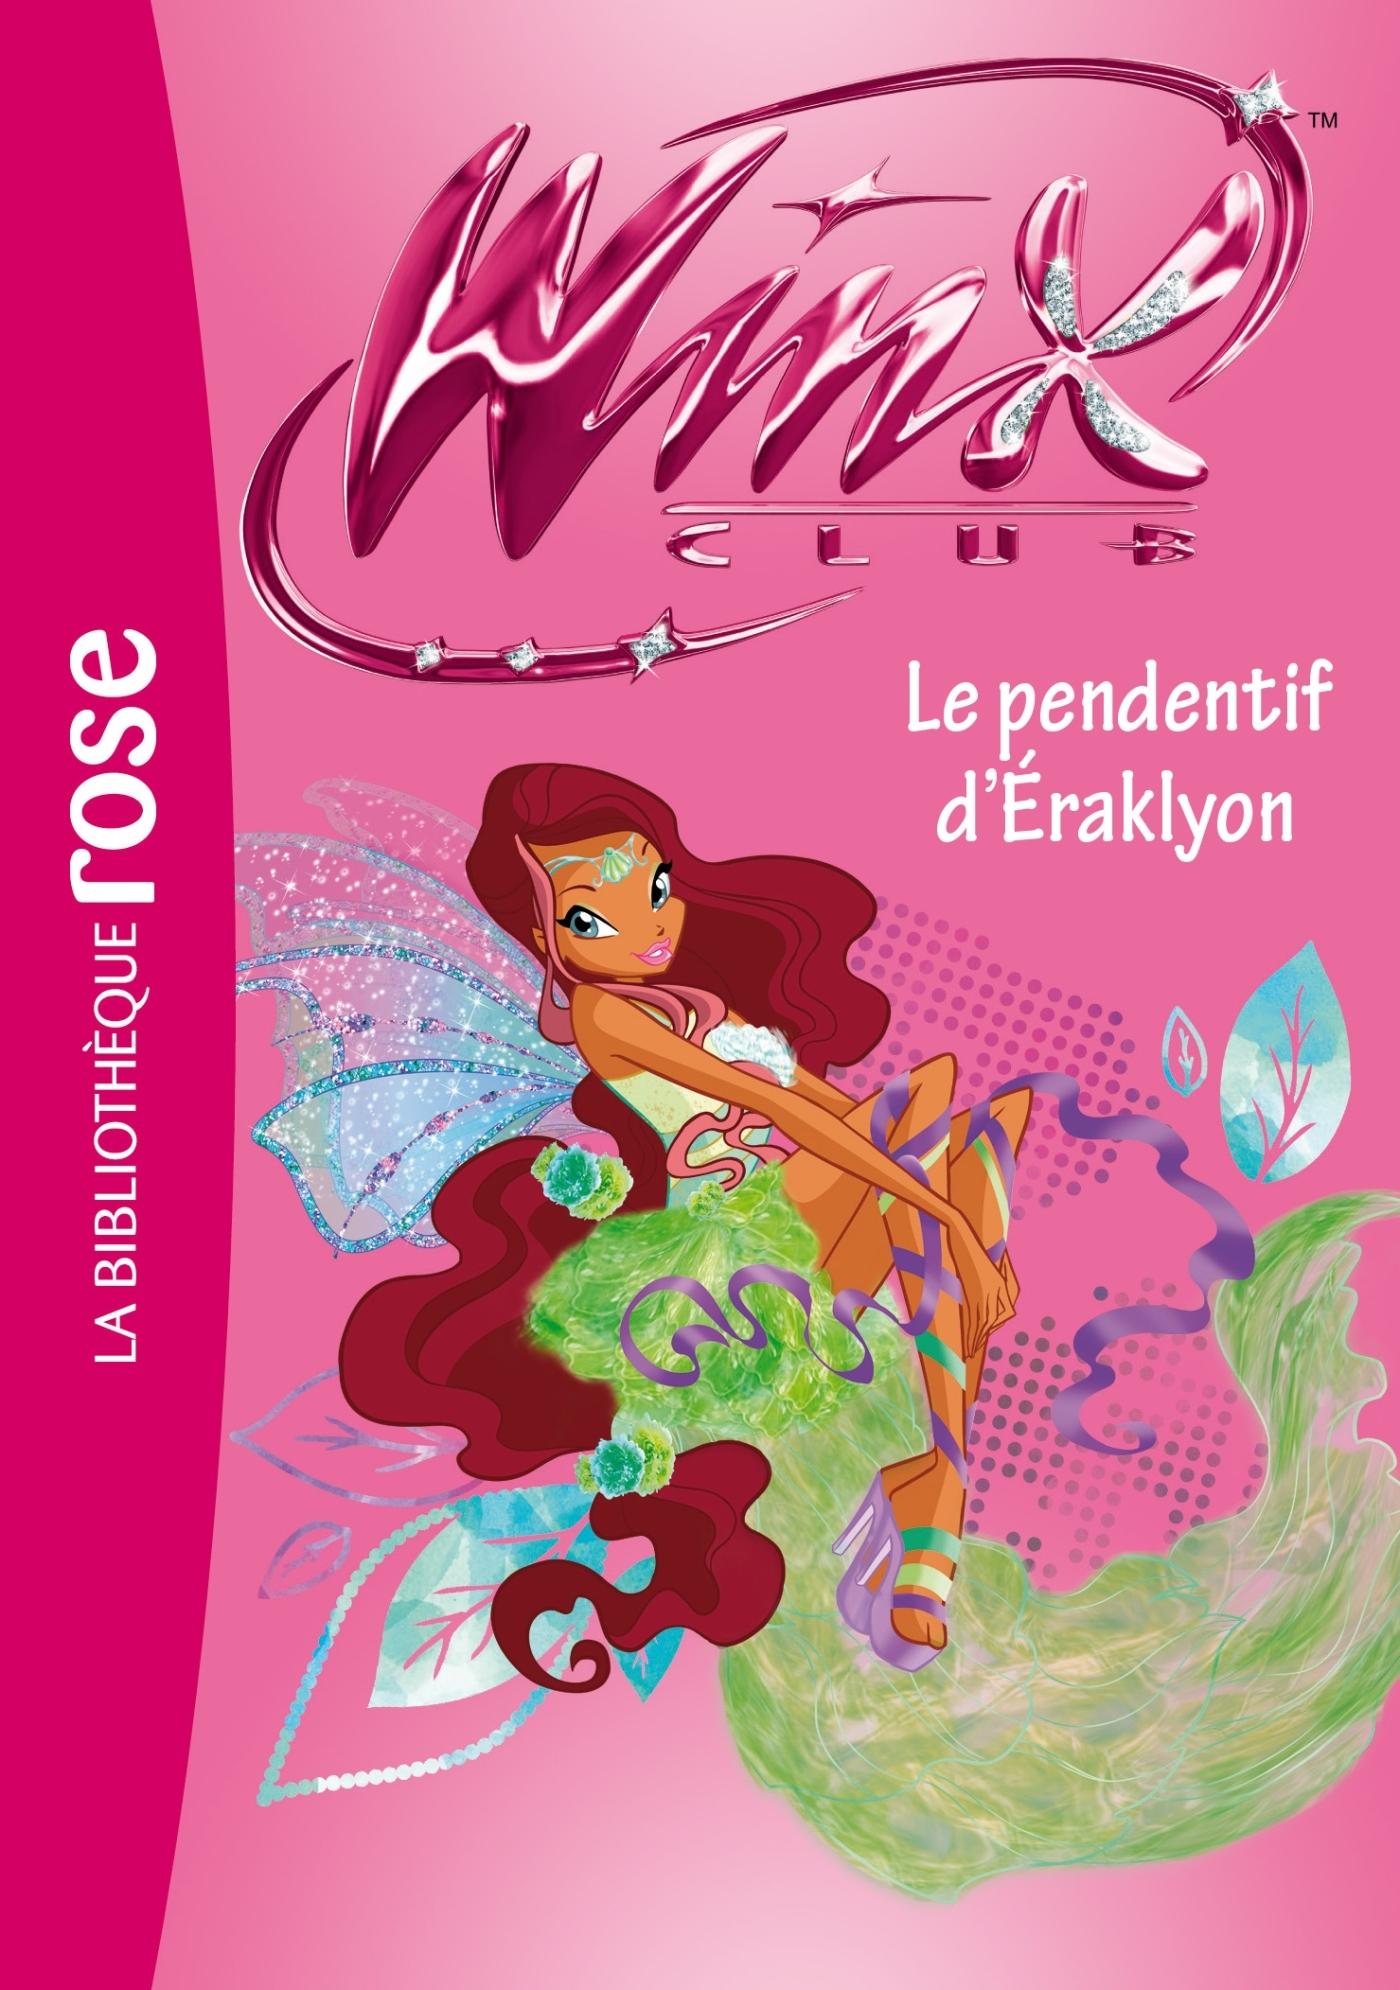 WINX CLUB 52 - LE PENDENTIF D'ERAKLYON